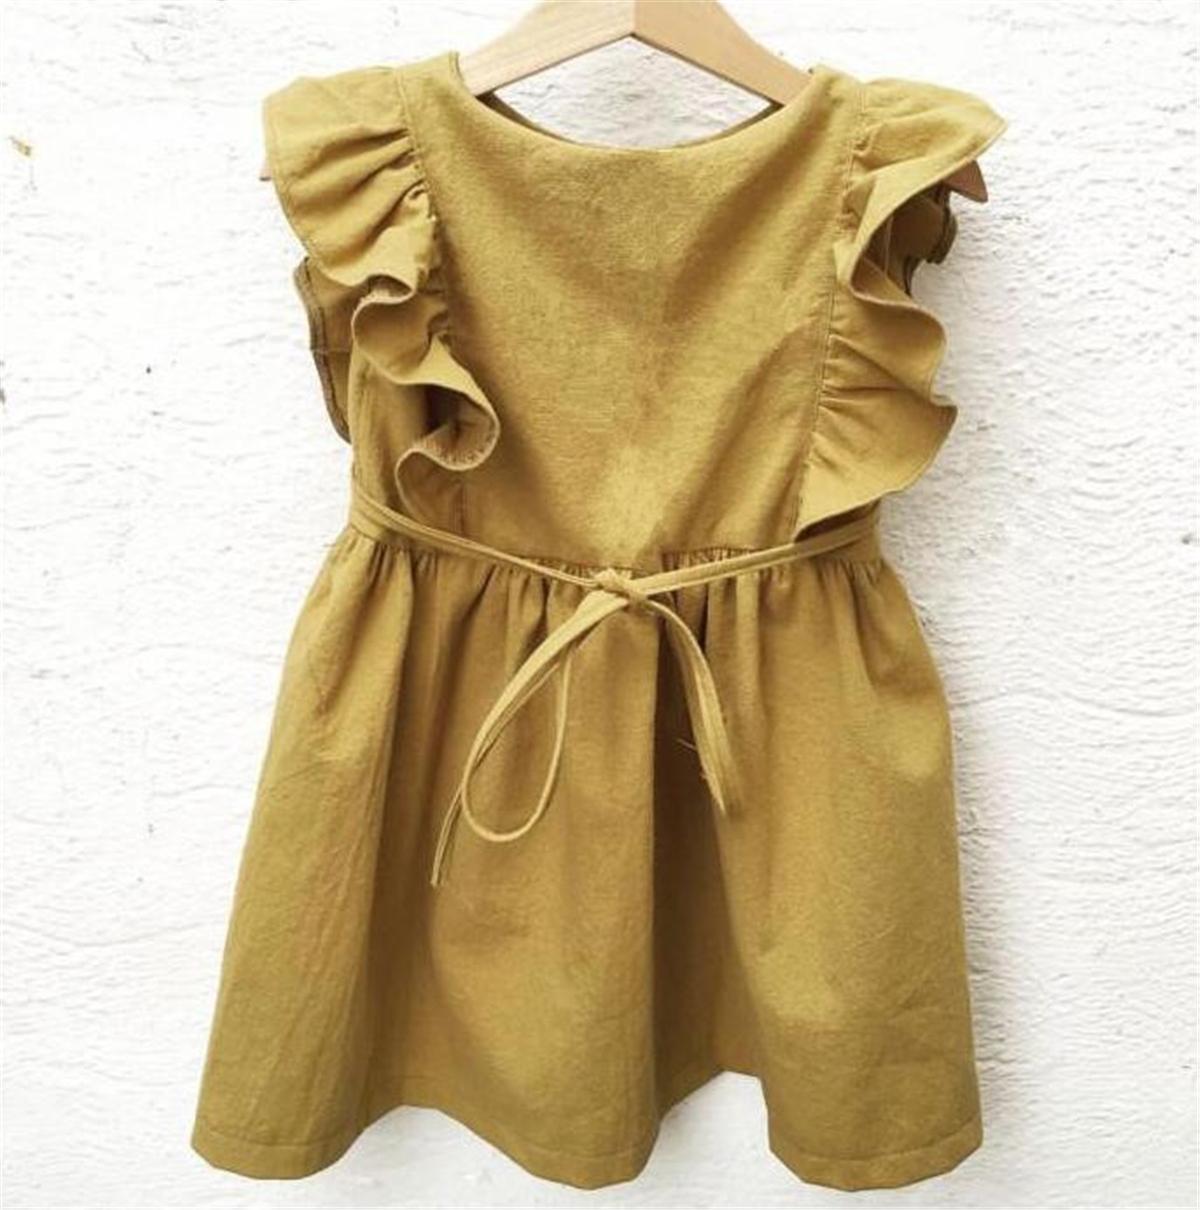 DB CALIDAD INS Little Girls Organic Ropa de Algodón Vestidos Ruffles Straps sin mangas Vestidos Niños Niñas Casual Princess Vestidos